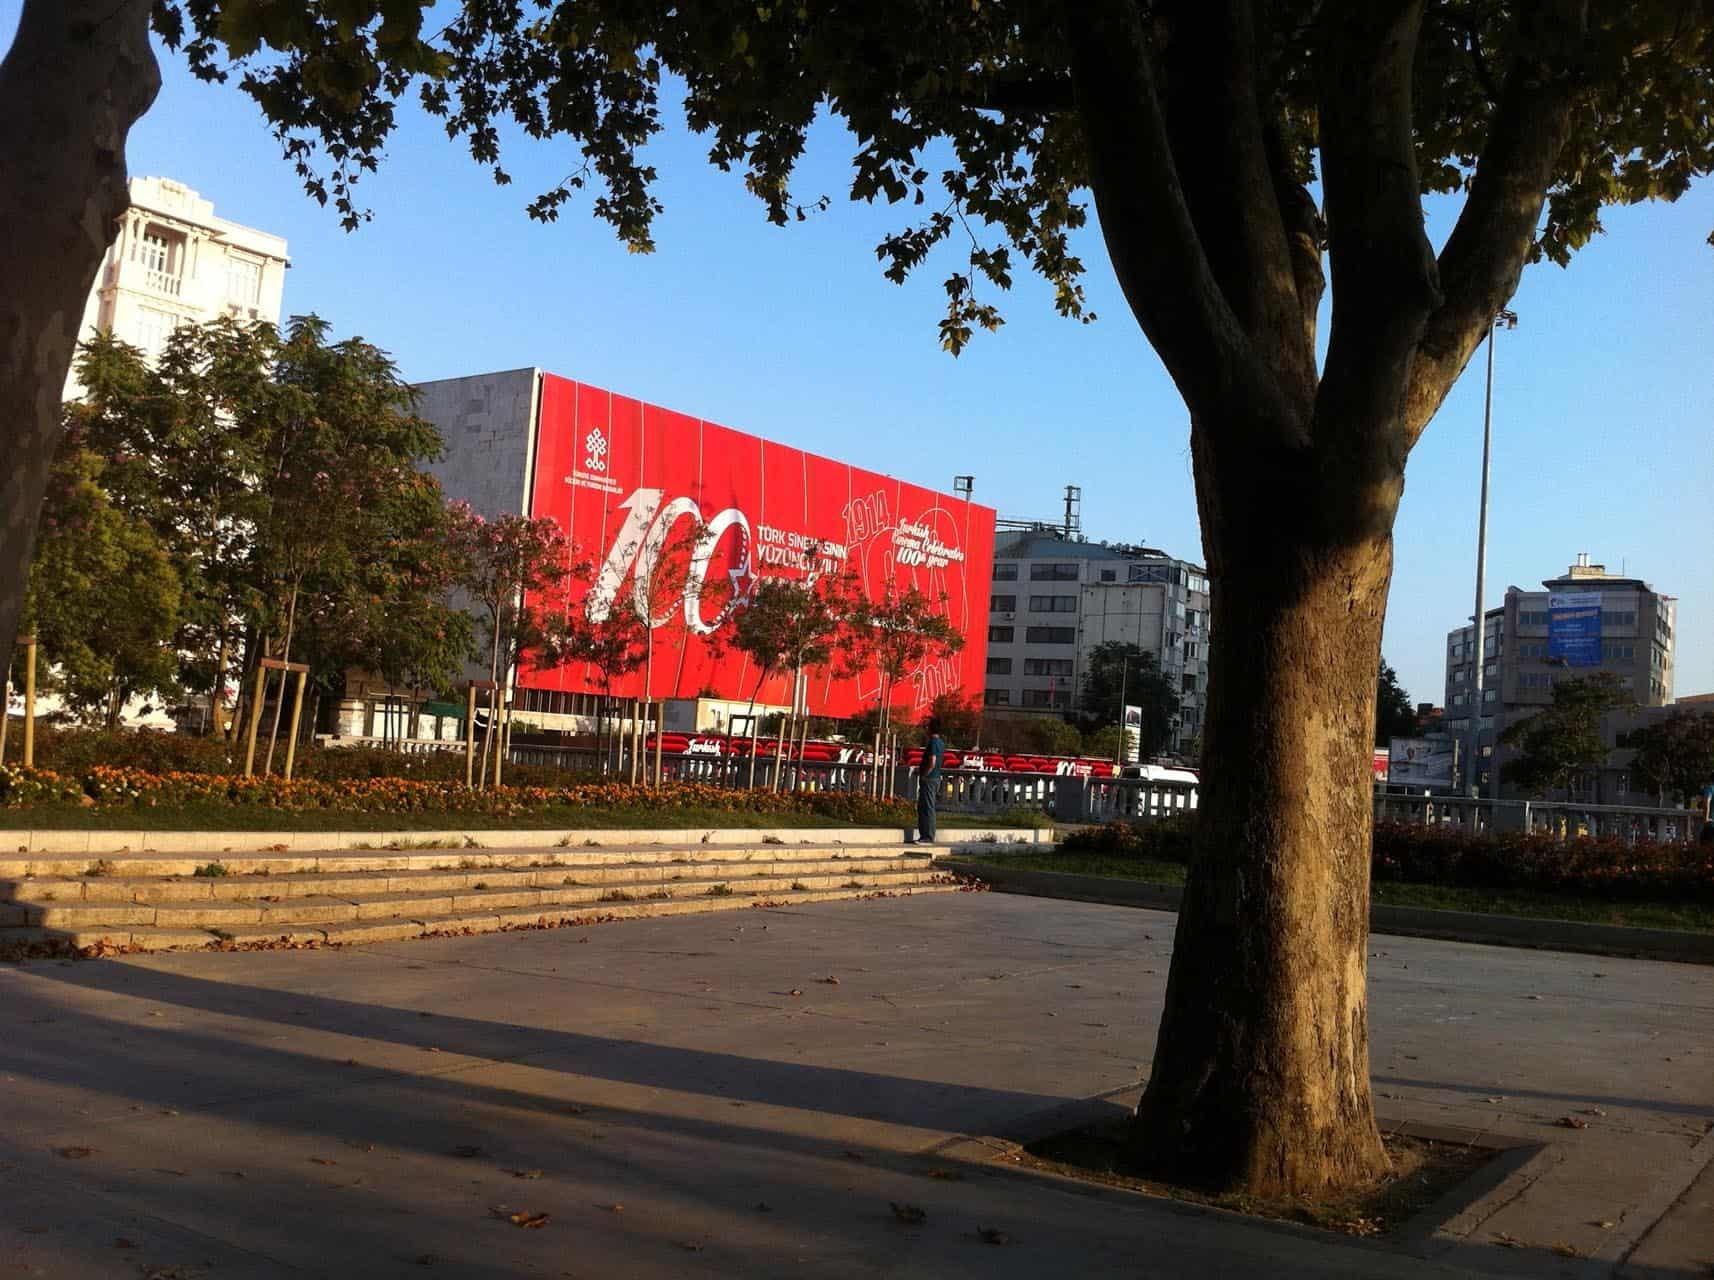 istanbul taksim ataturk kultur merkezi bina giydirme12 - İstanbul Taksim AKM Binası Giydirme